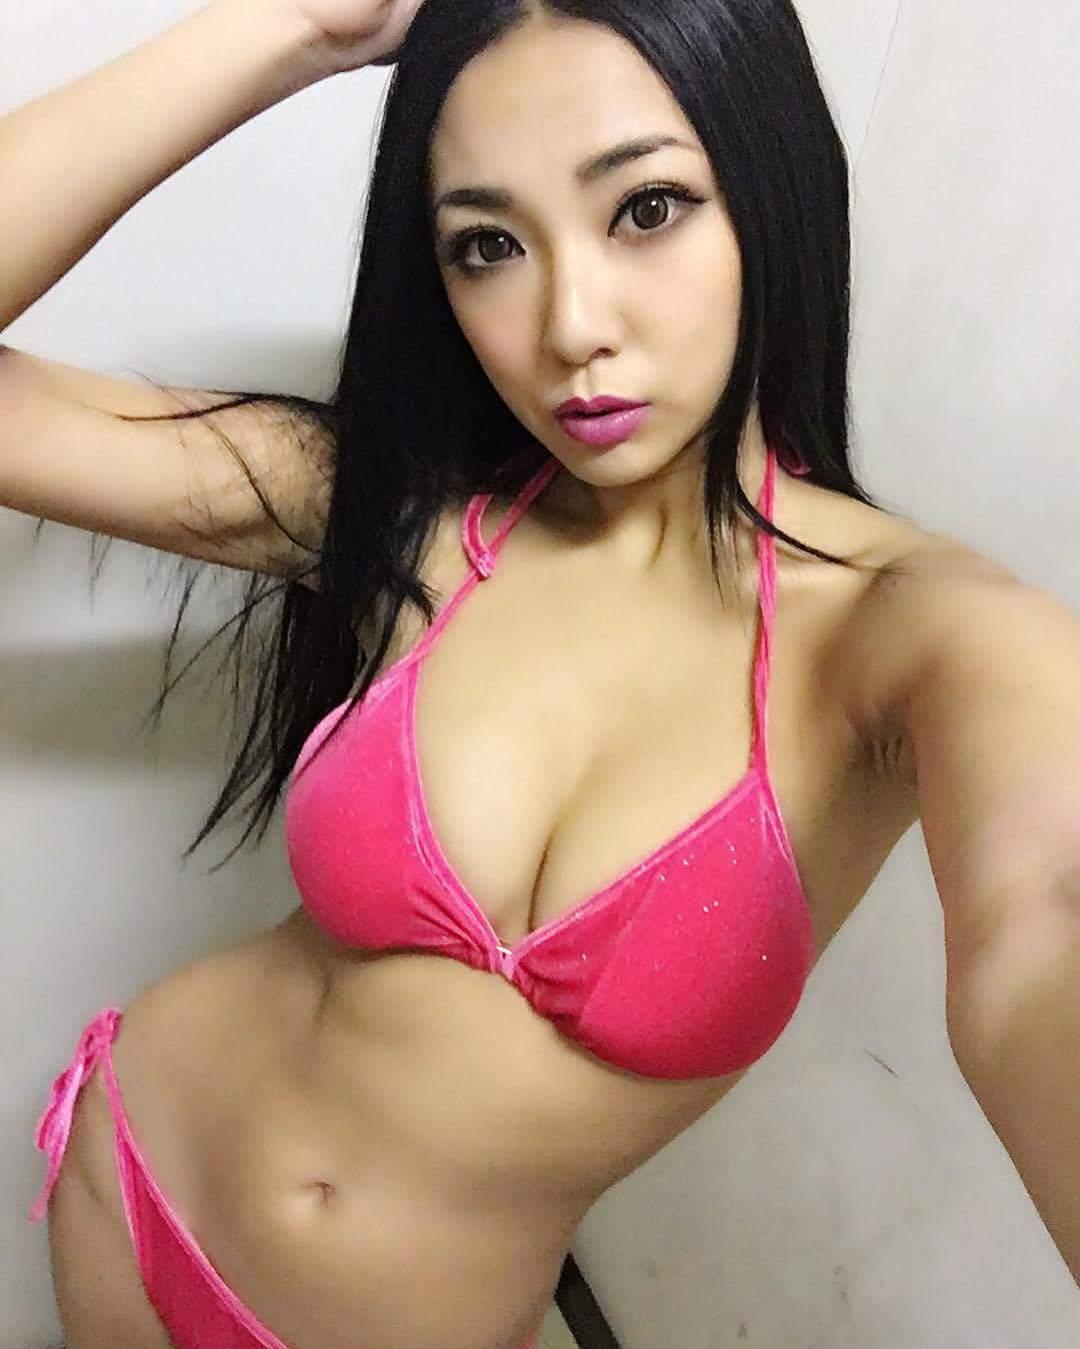 image http://scanlover.com/assets/images/1837-mKlGEYPo5SkkEbXI.jpeg